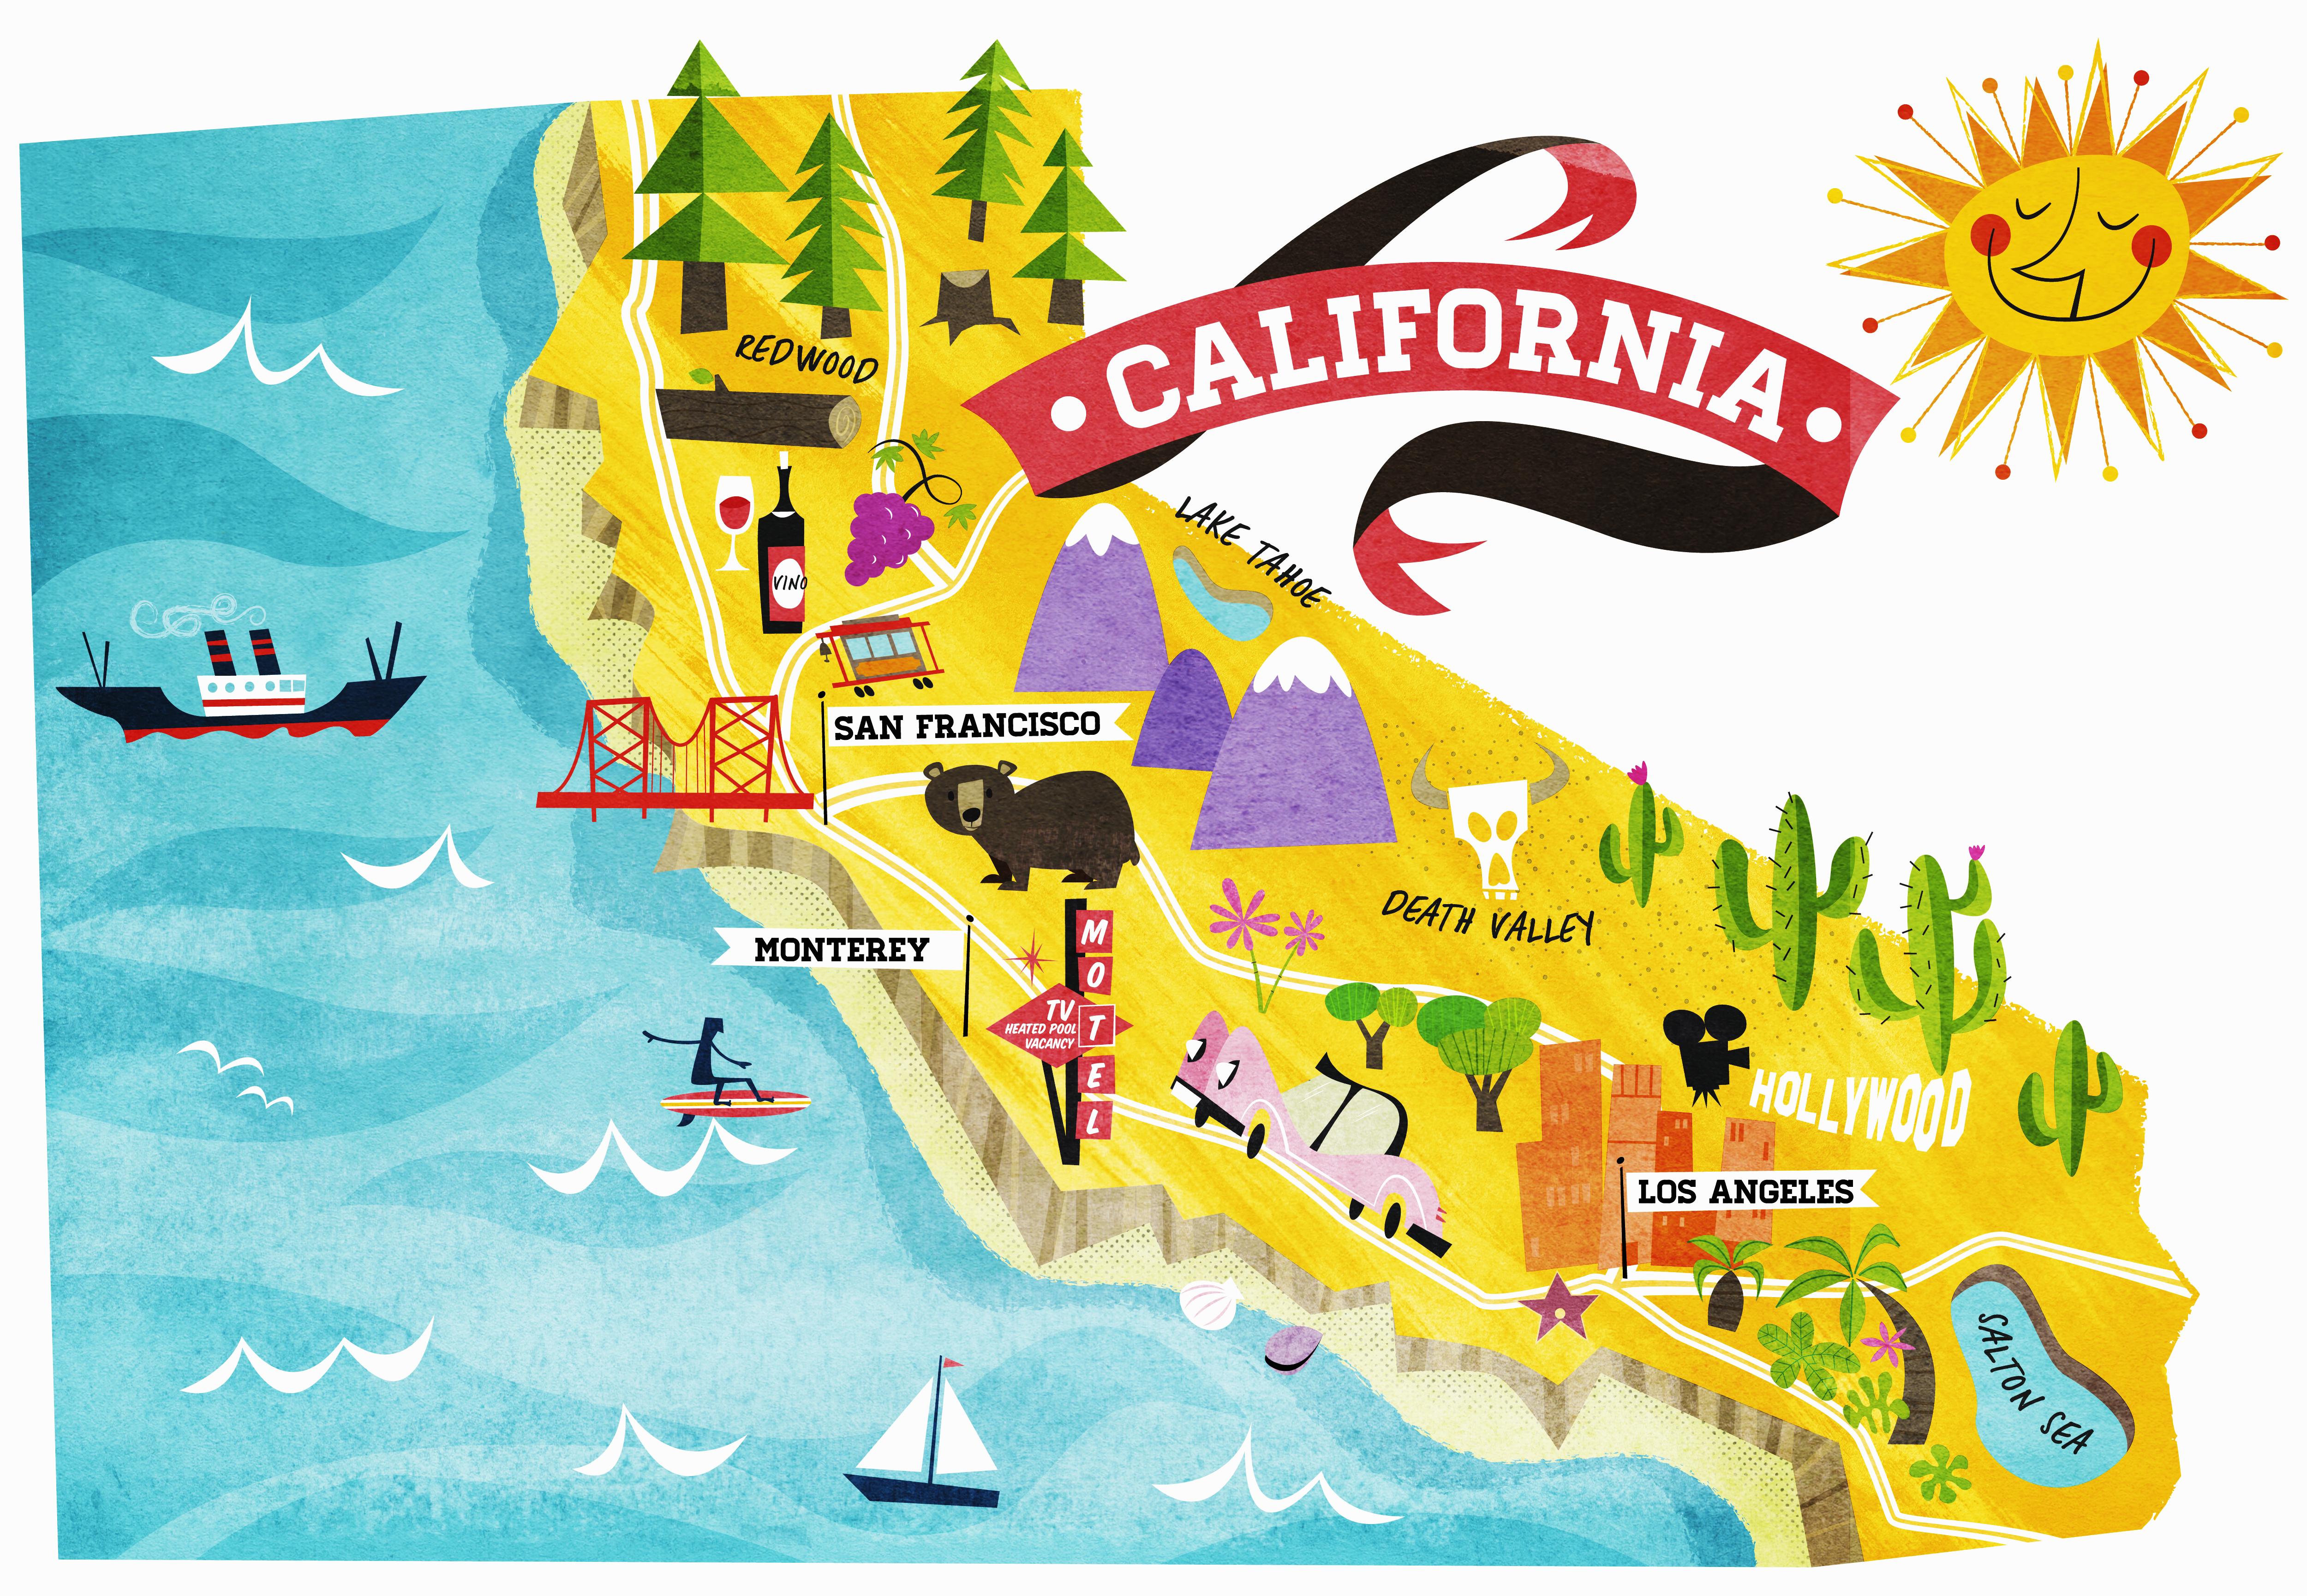 Top 50 Best High Schools In California In 2017 - ReportToday